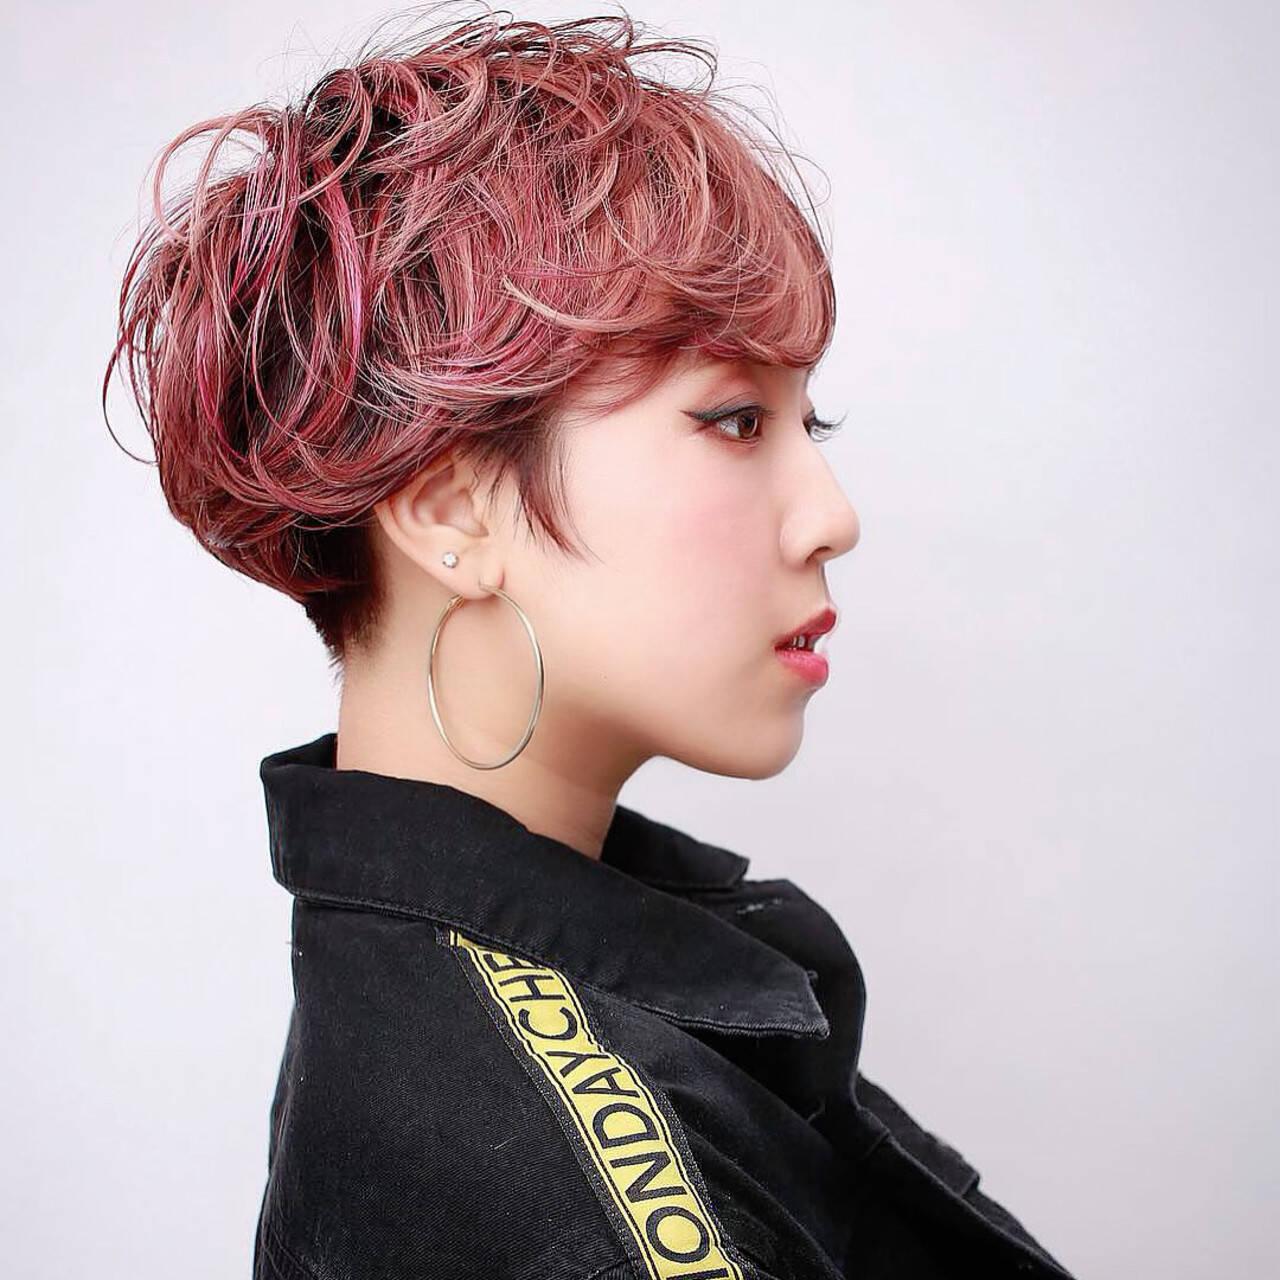 オシャレ ブリーチカラー ショートヘア ピンクカラーヘアスタイルや髪型の写真・画像